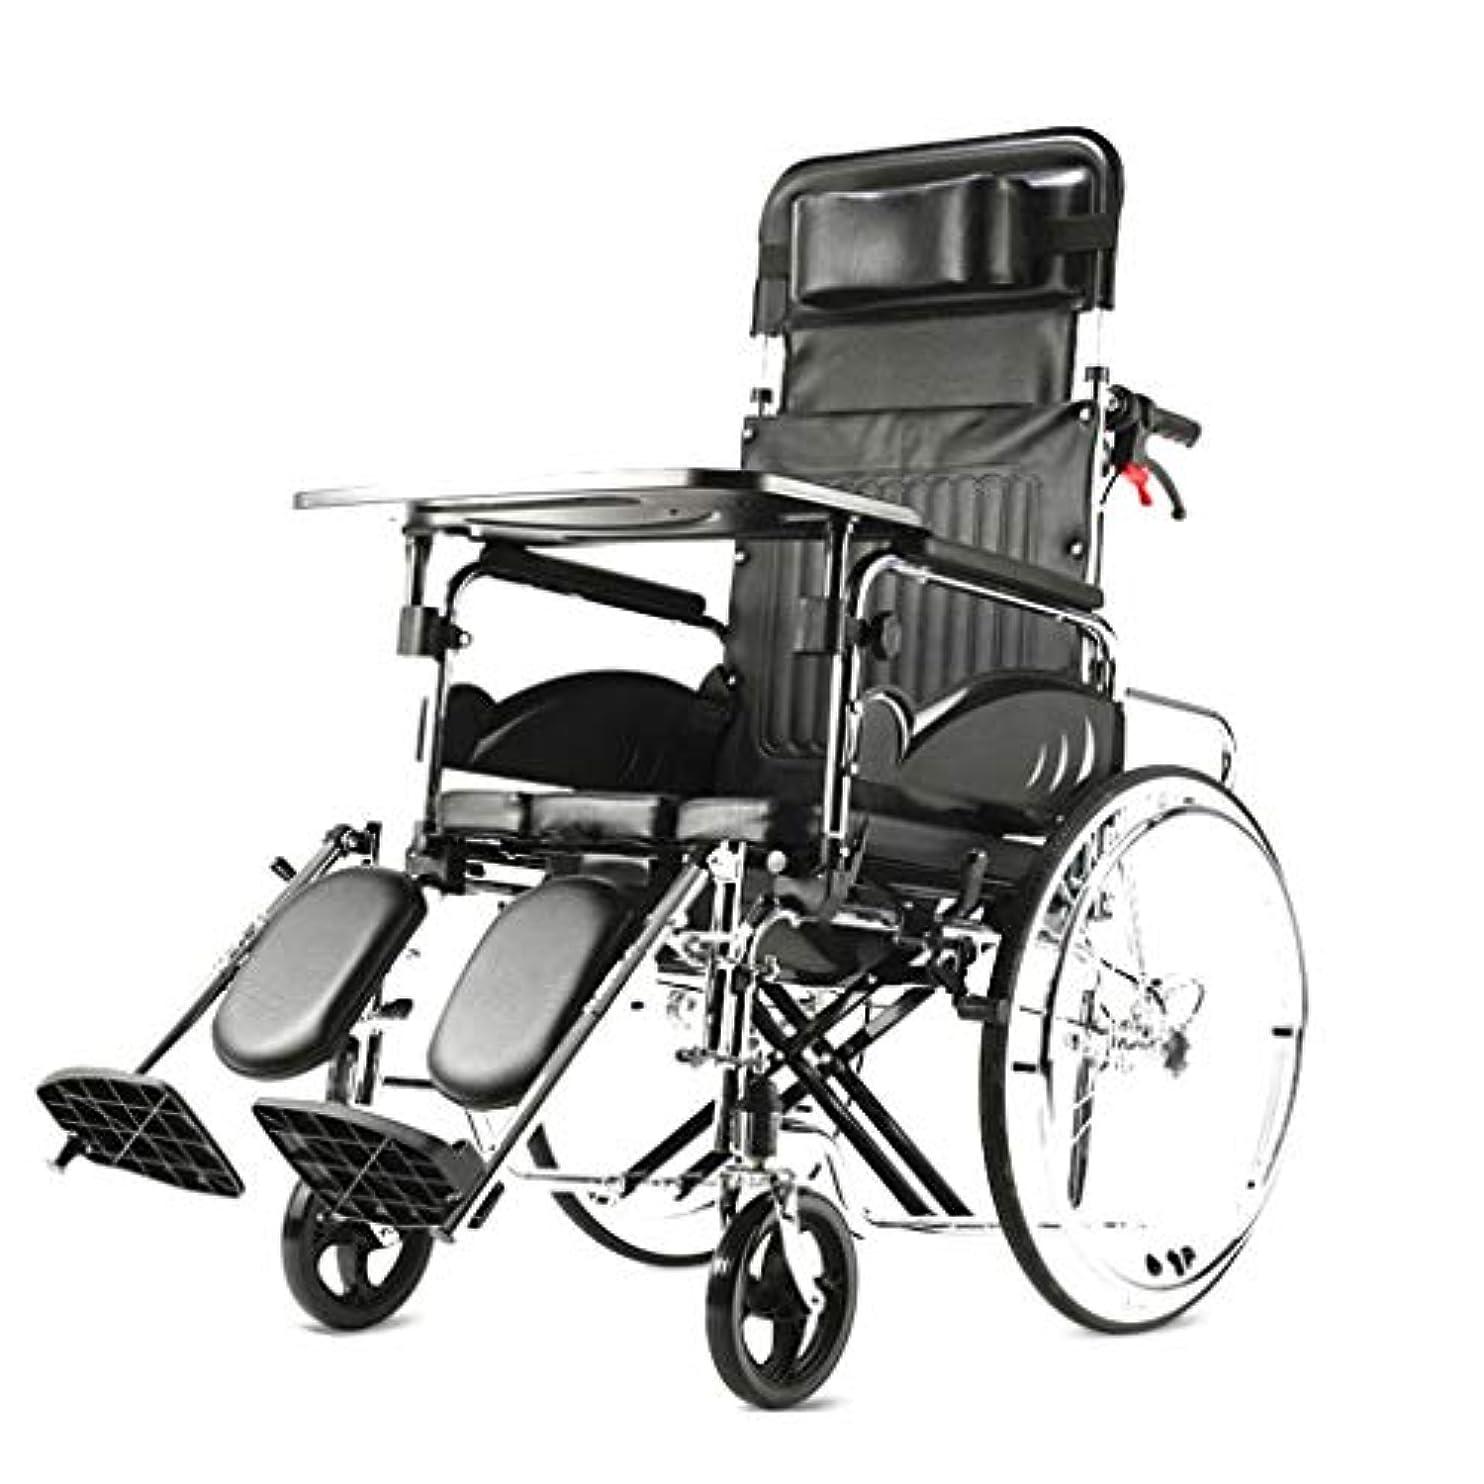 ペース化合物軍艦車椅子折りたたみ式、4つのブレーキデザイン、アルミニウム合金、高齢者障害者用車椅子ワゴン